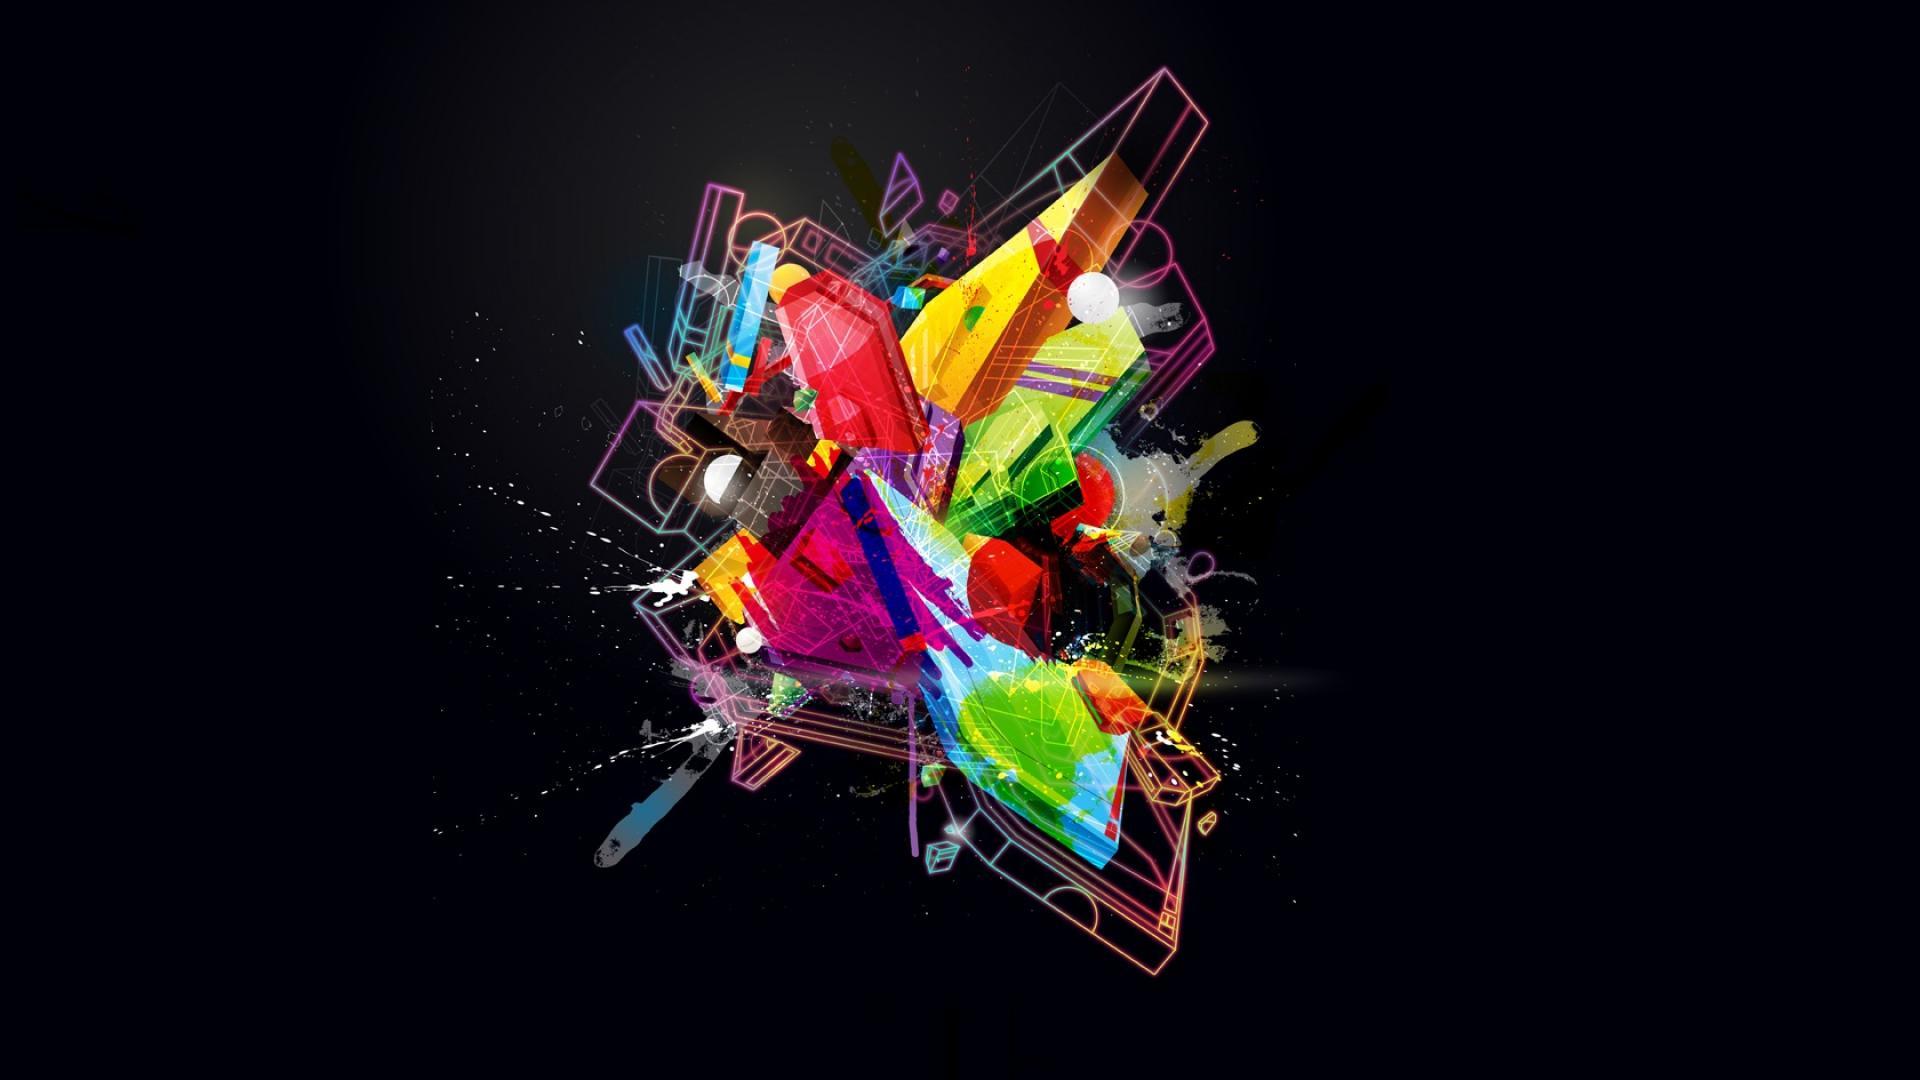 Cool Desktop Wallpaper HD - WallpaperSafari